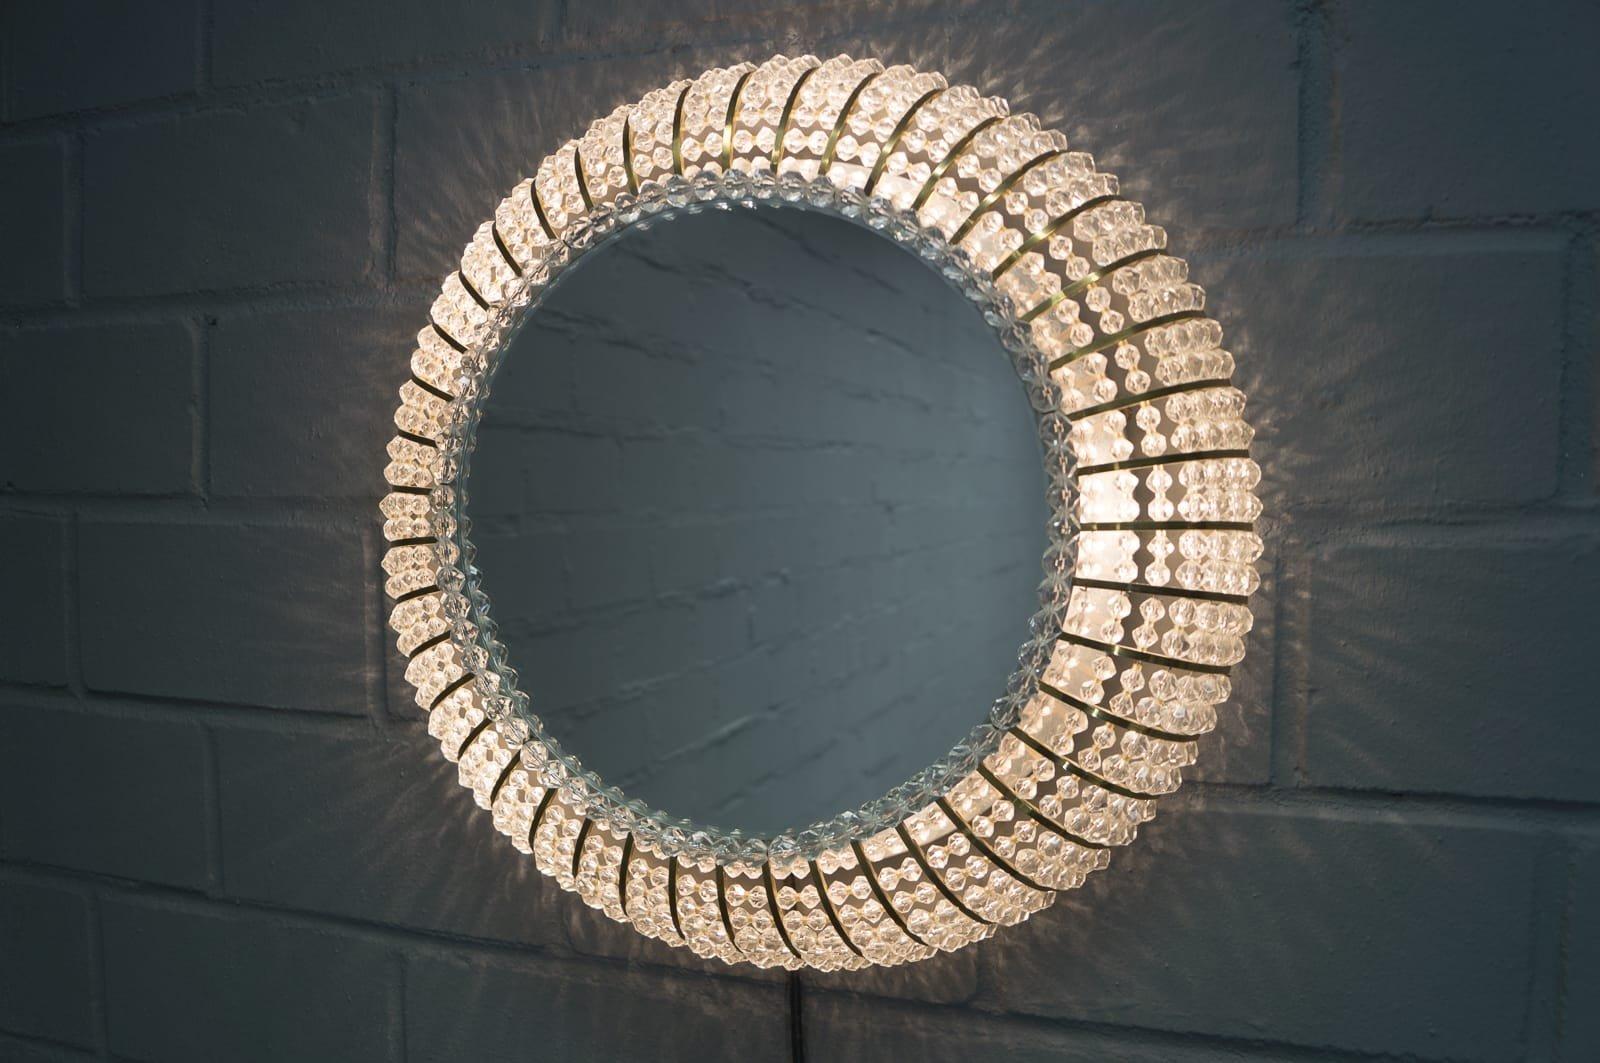 schweizer beleuchteter vintage kristallglas wandspiegel. Black Bedroom Furniture Sets. Home Design Ideas